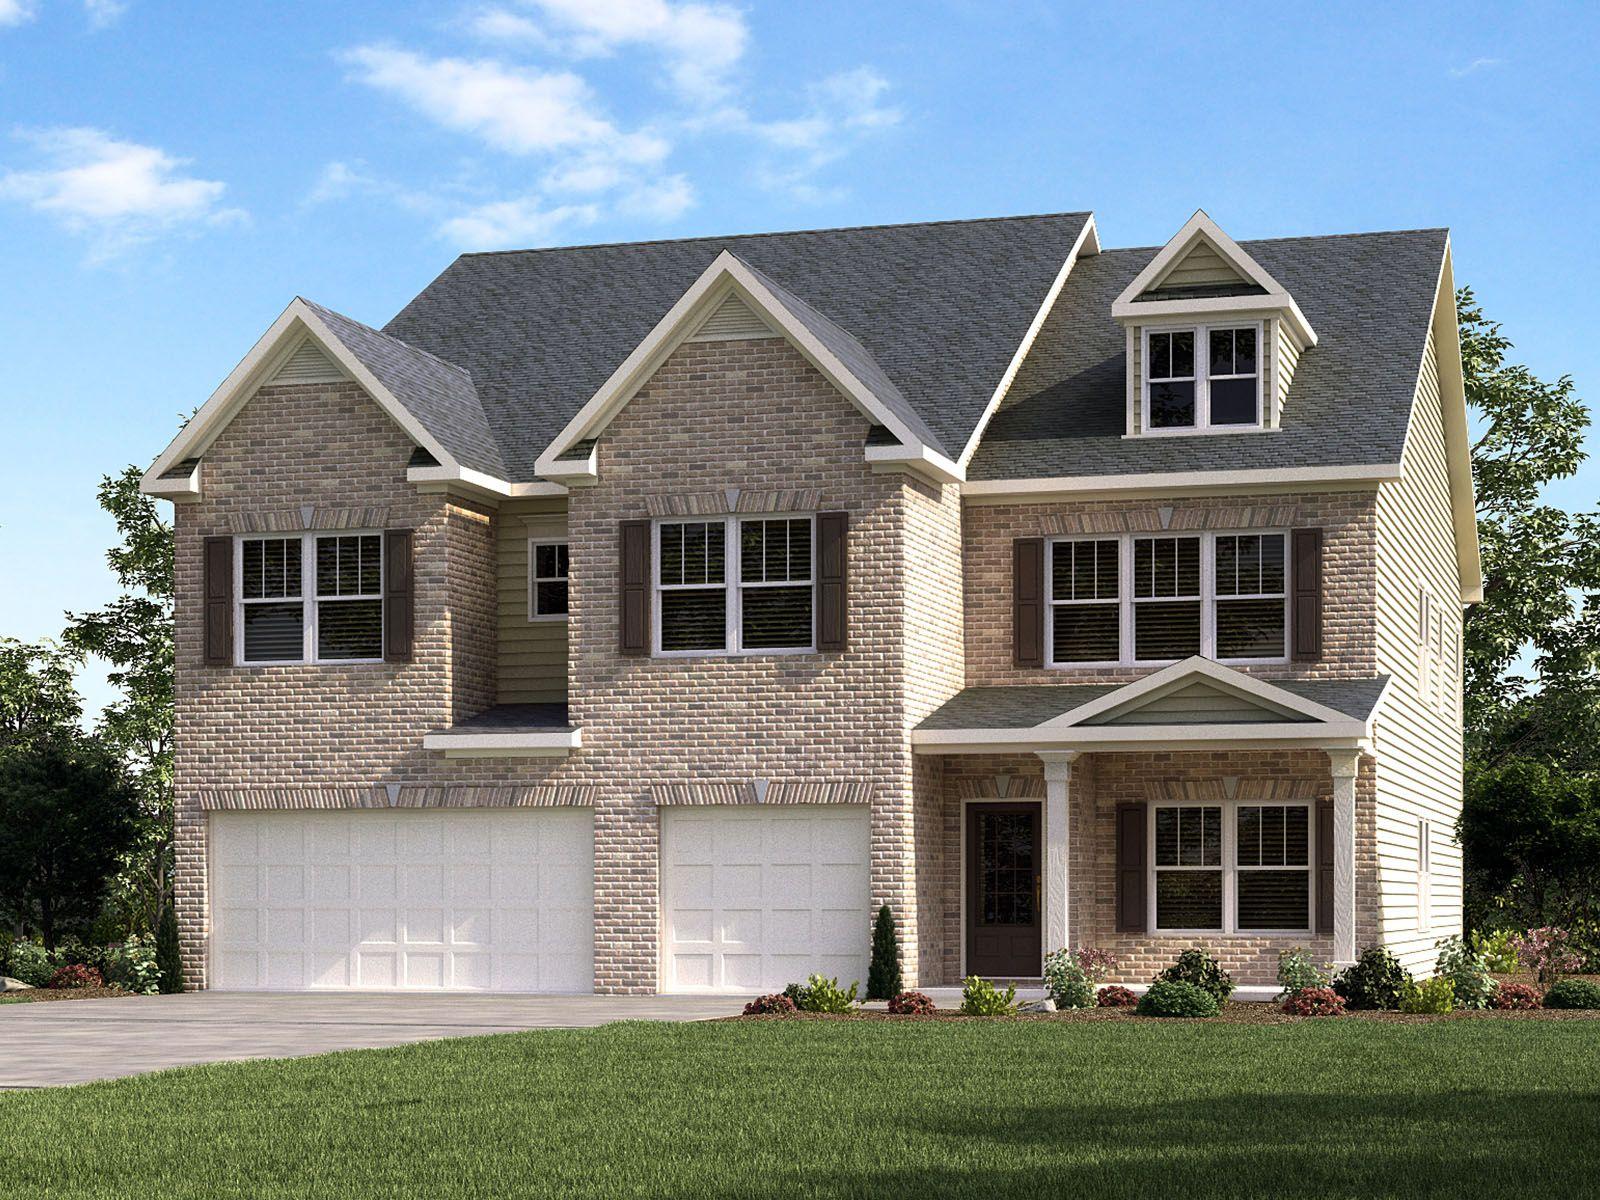 parkside 1192515 ellenwood ga new home for sale homegain